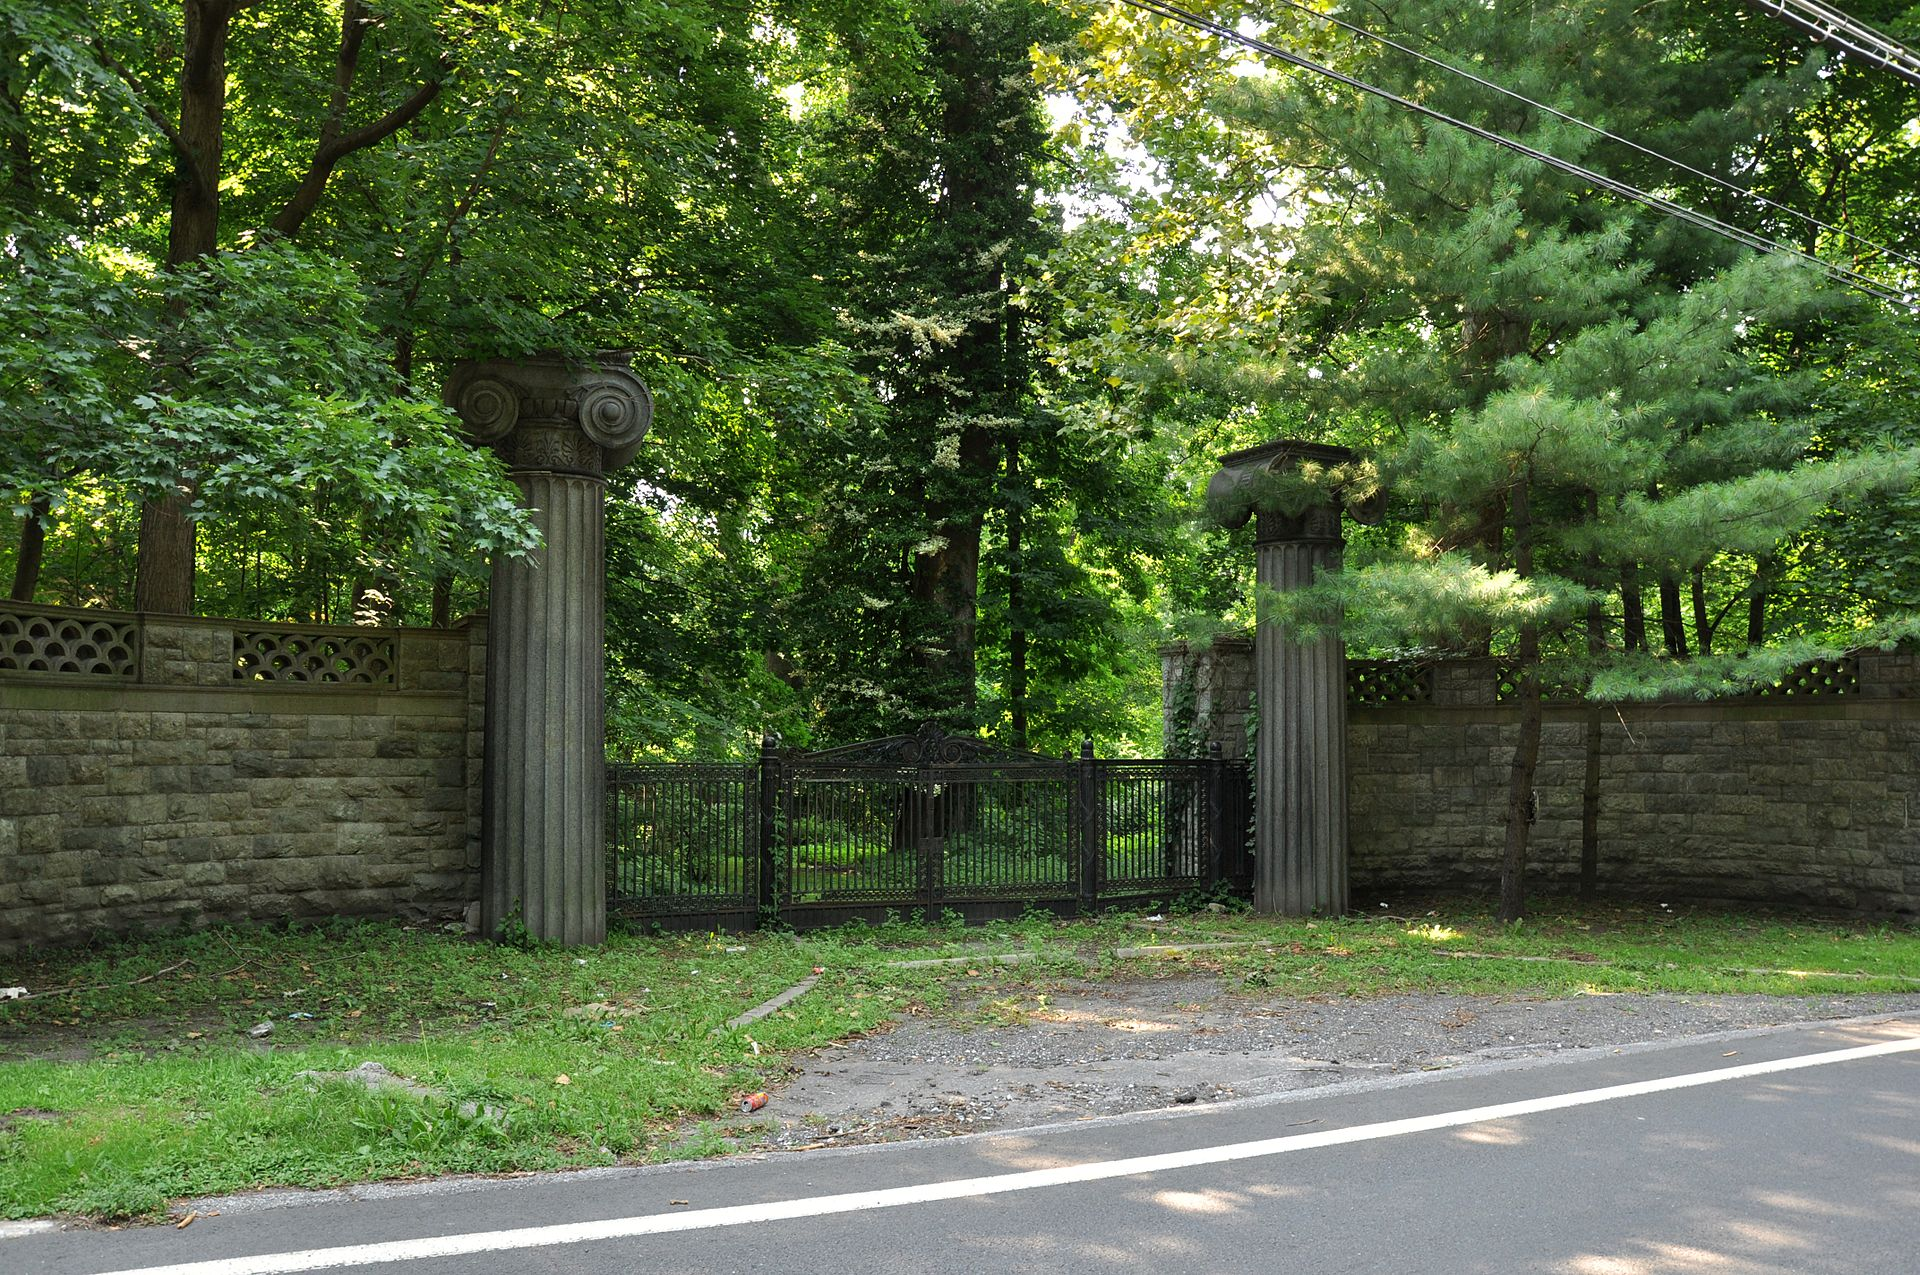 Entranceway_to_Beechwood